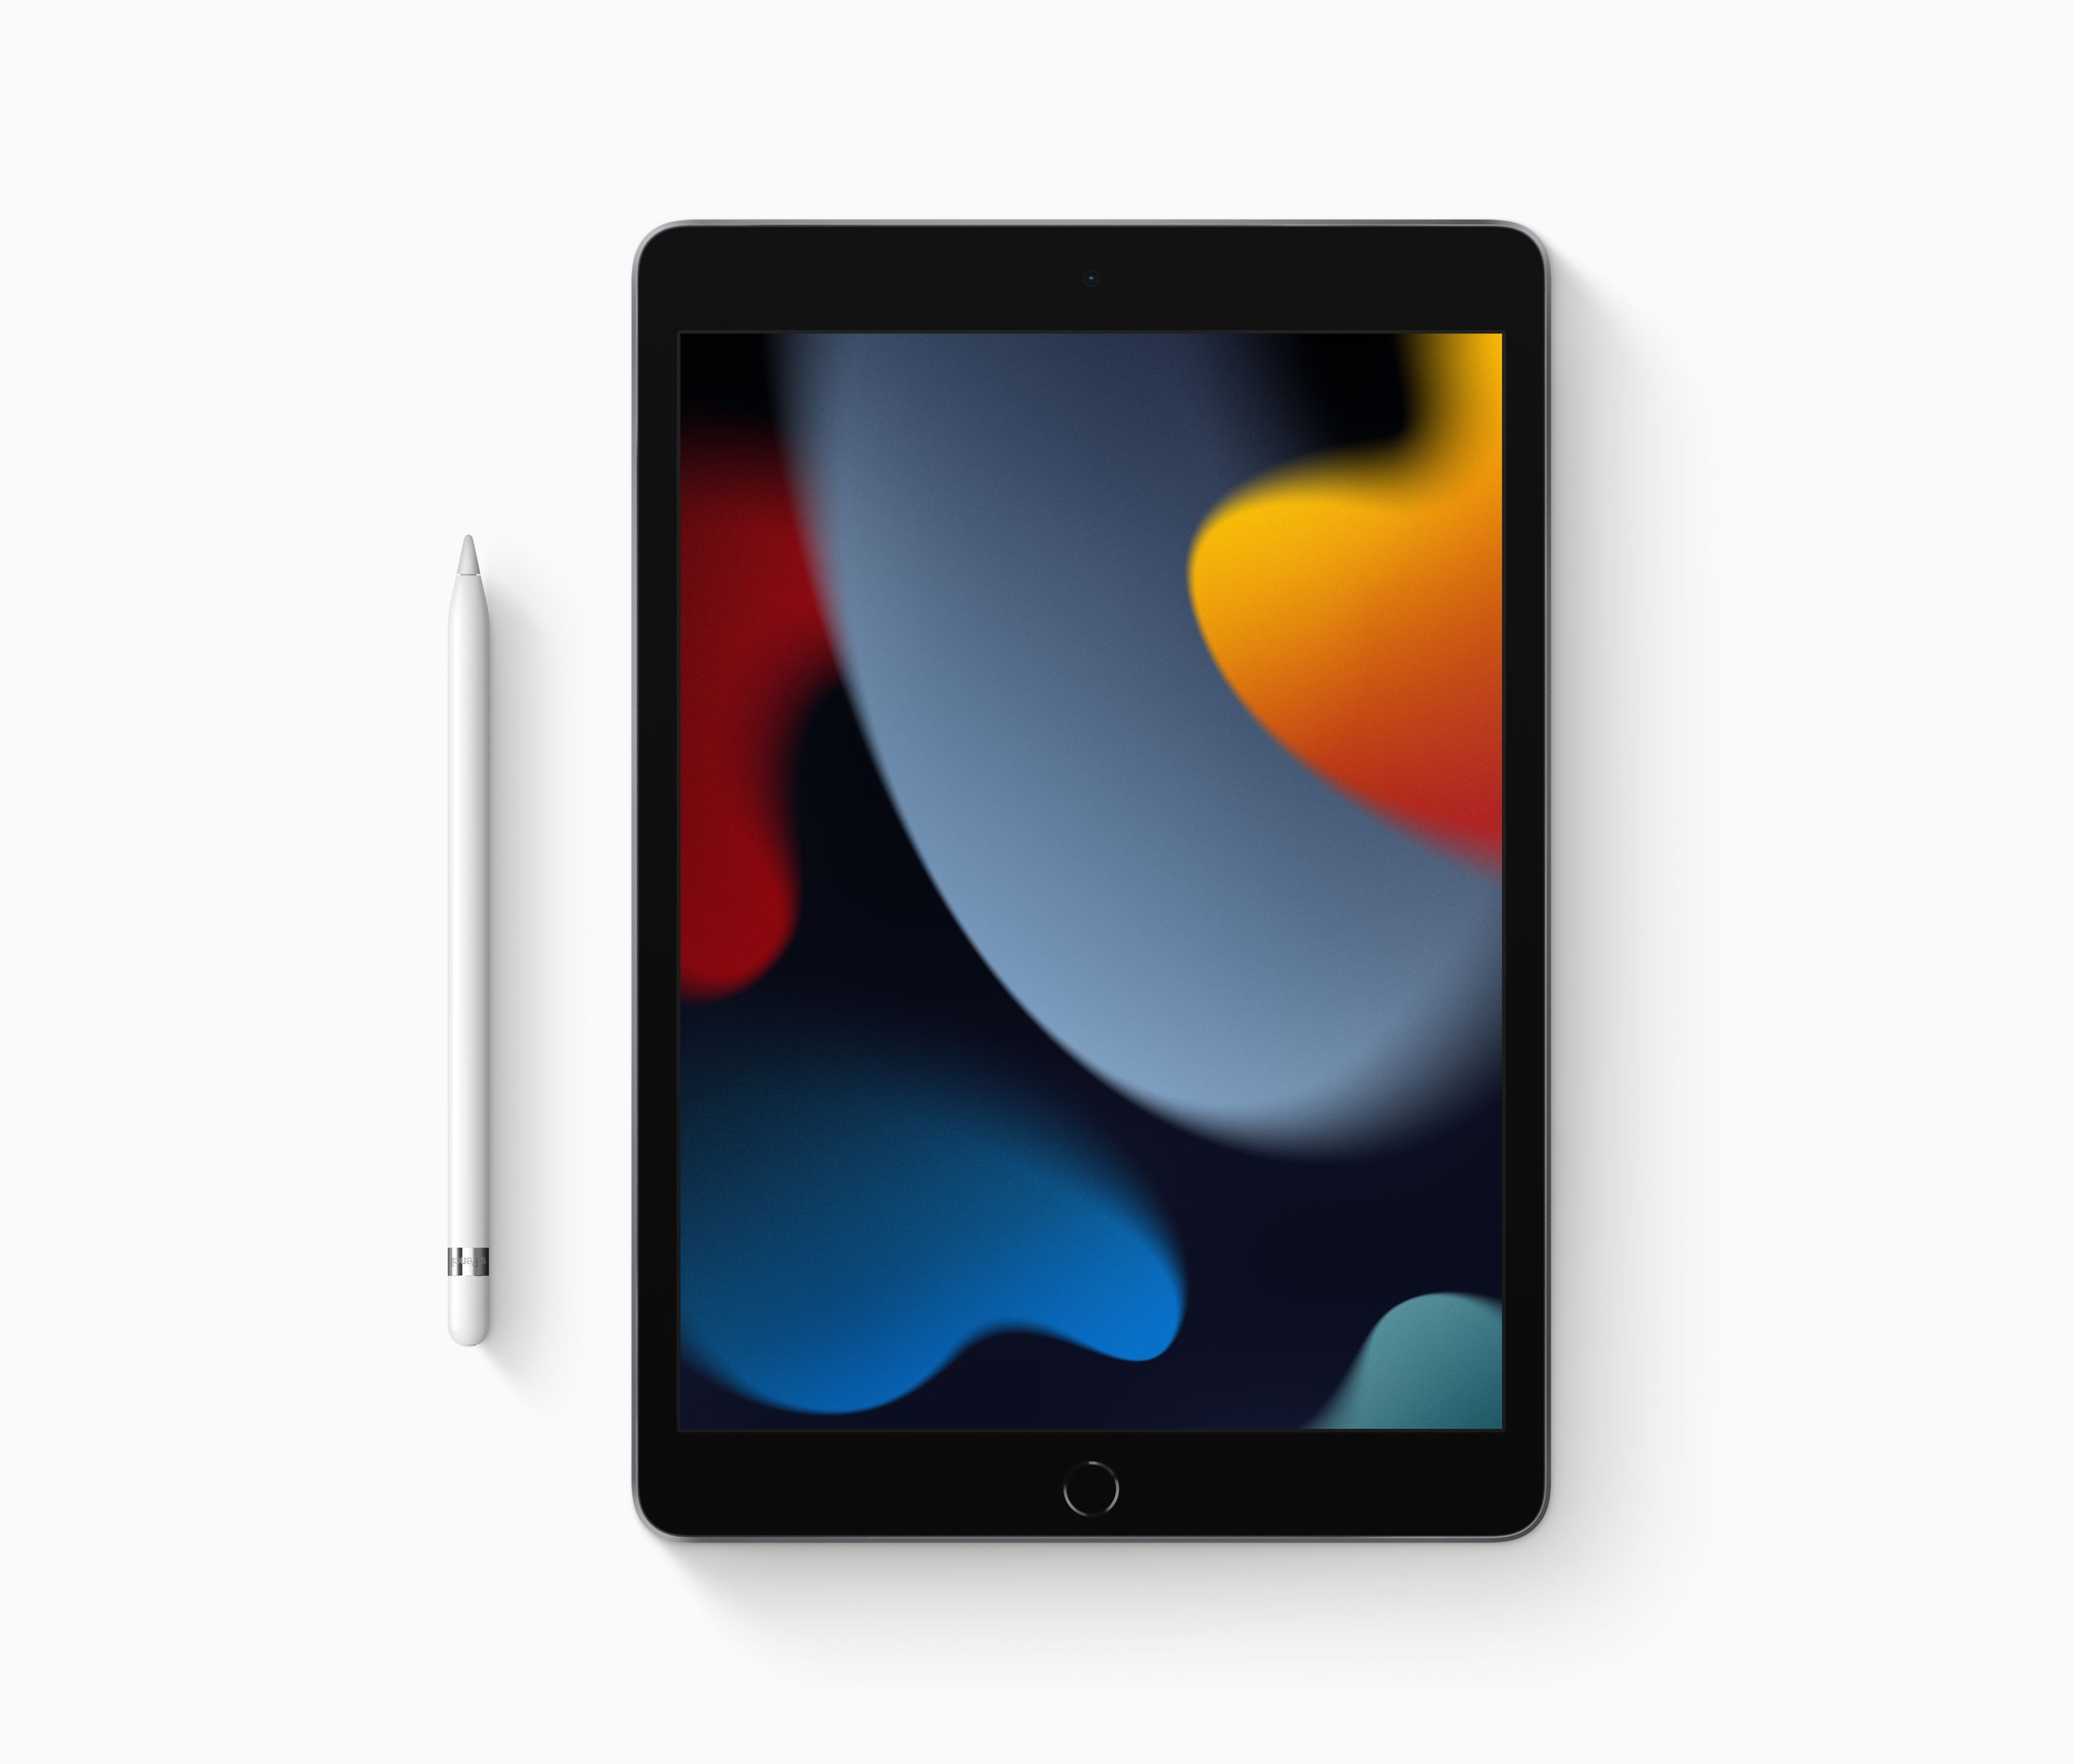 พาชม เปิดตัว iPad Gen 9 !!!